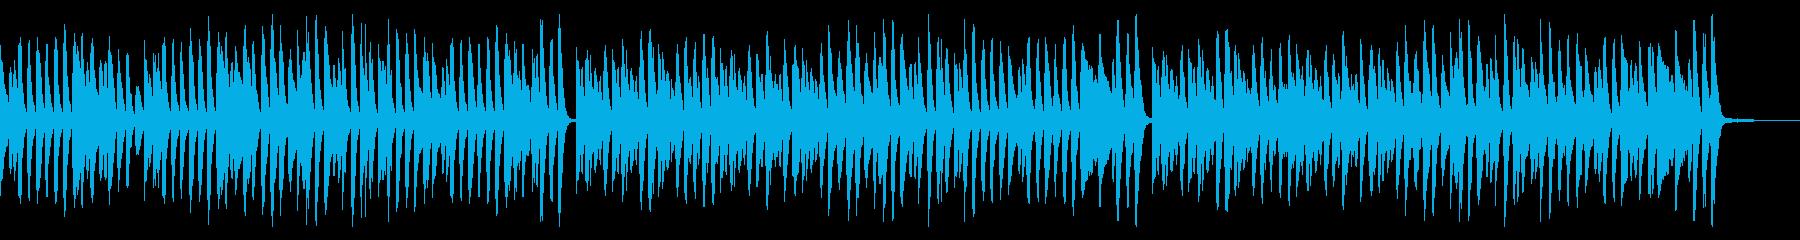 クリスマス定番曲のラグタイムアレンジの再生済みの波形